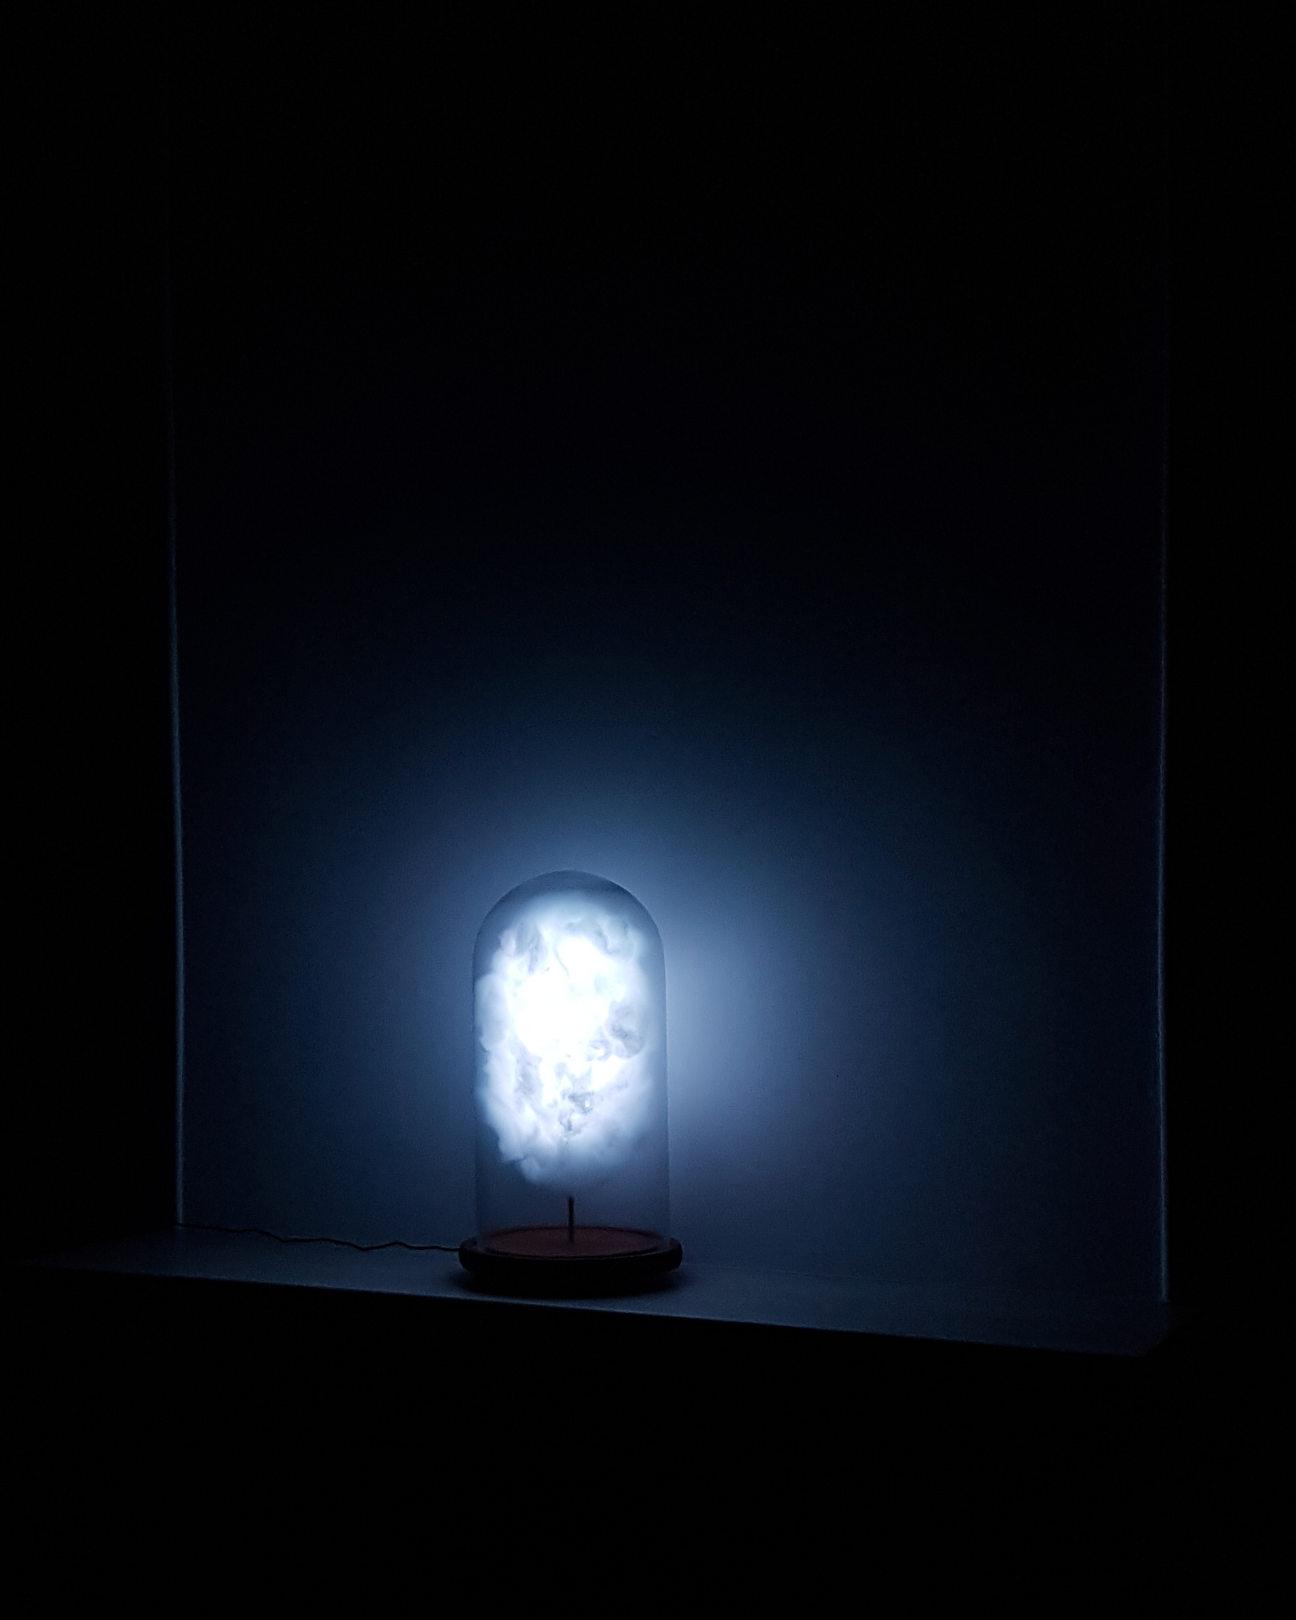 parseerror-political-lamp03.jpg